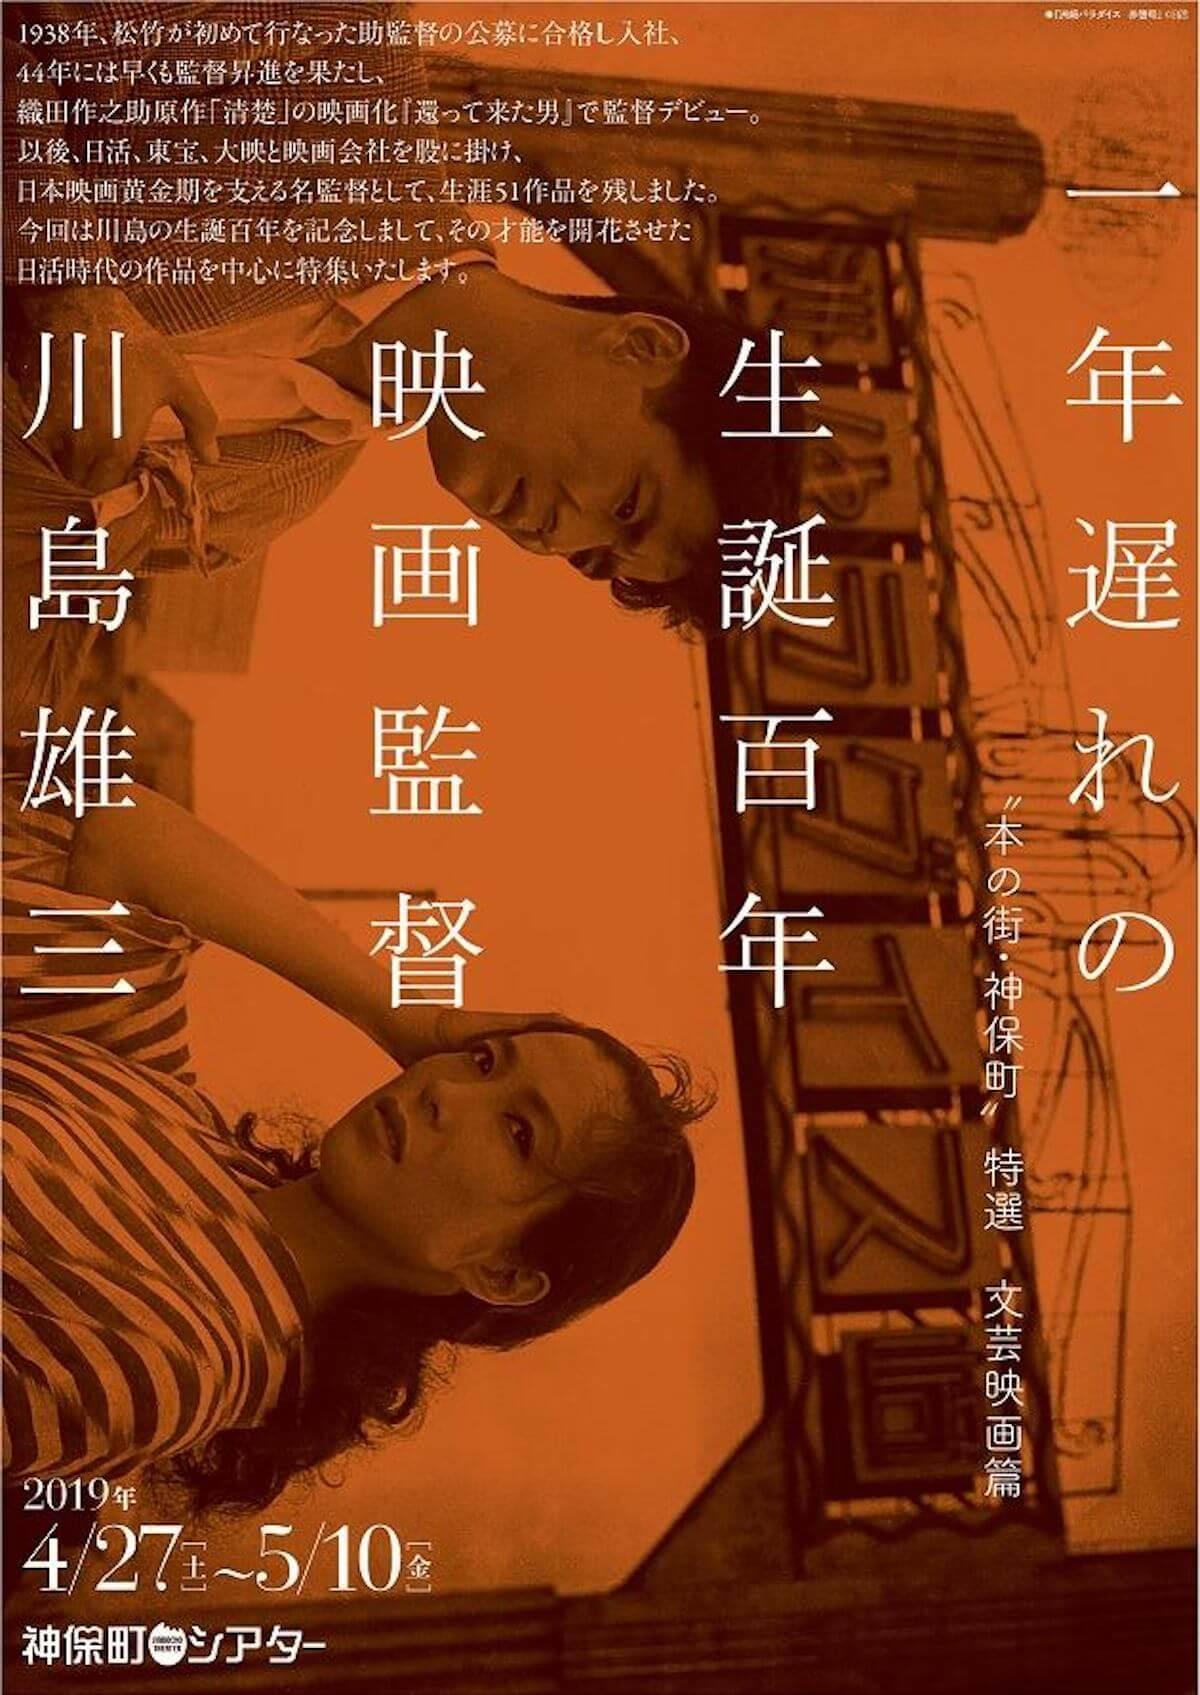 ゴールデンウィーク、その1日はまだ訪れたことのない映画館へ film19429_eigakan_1